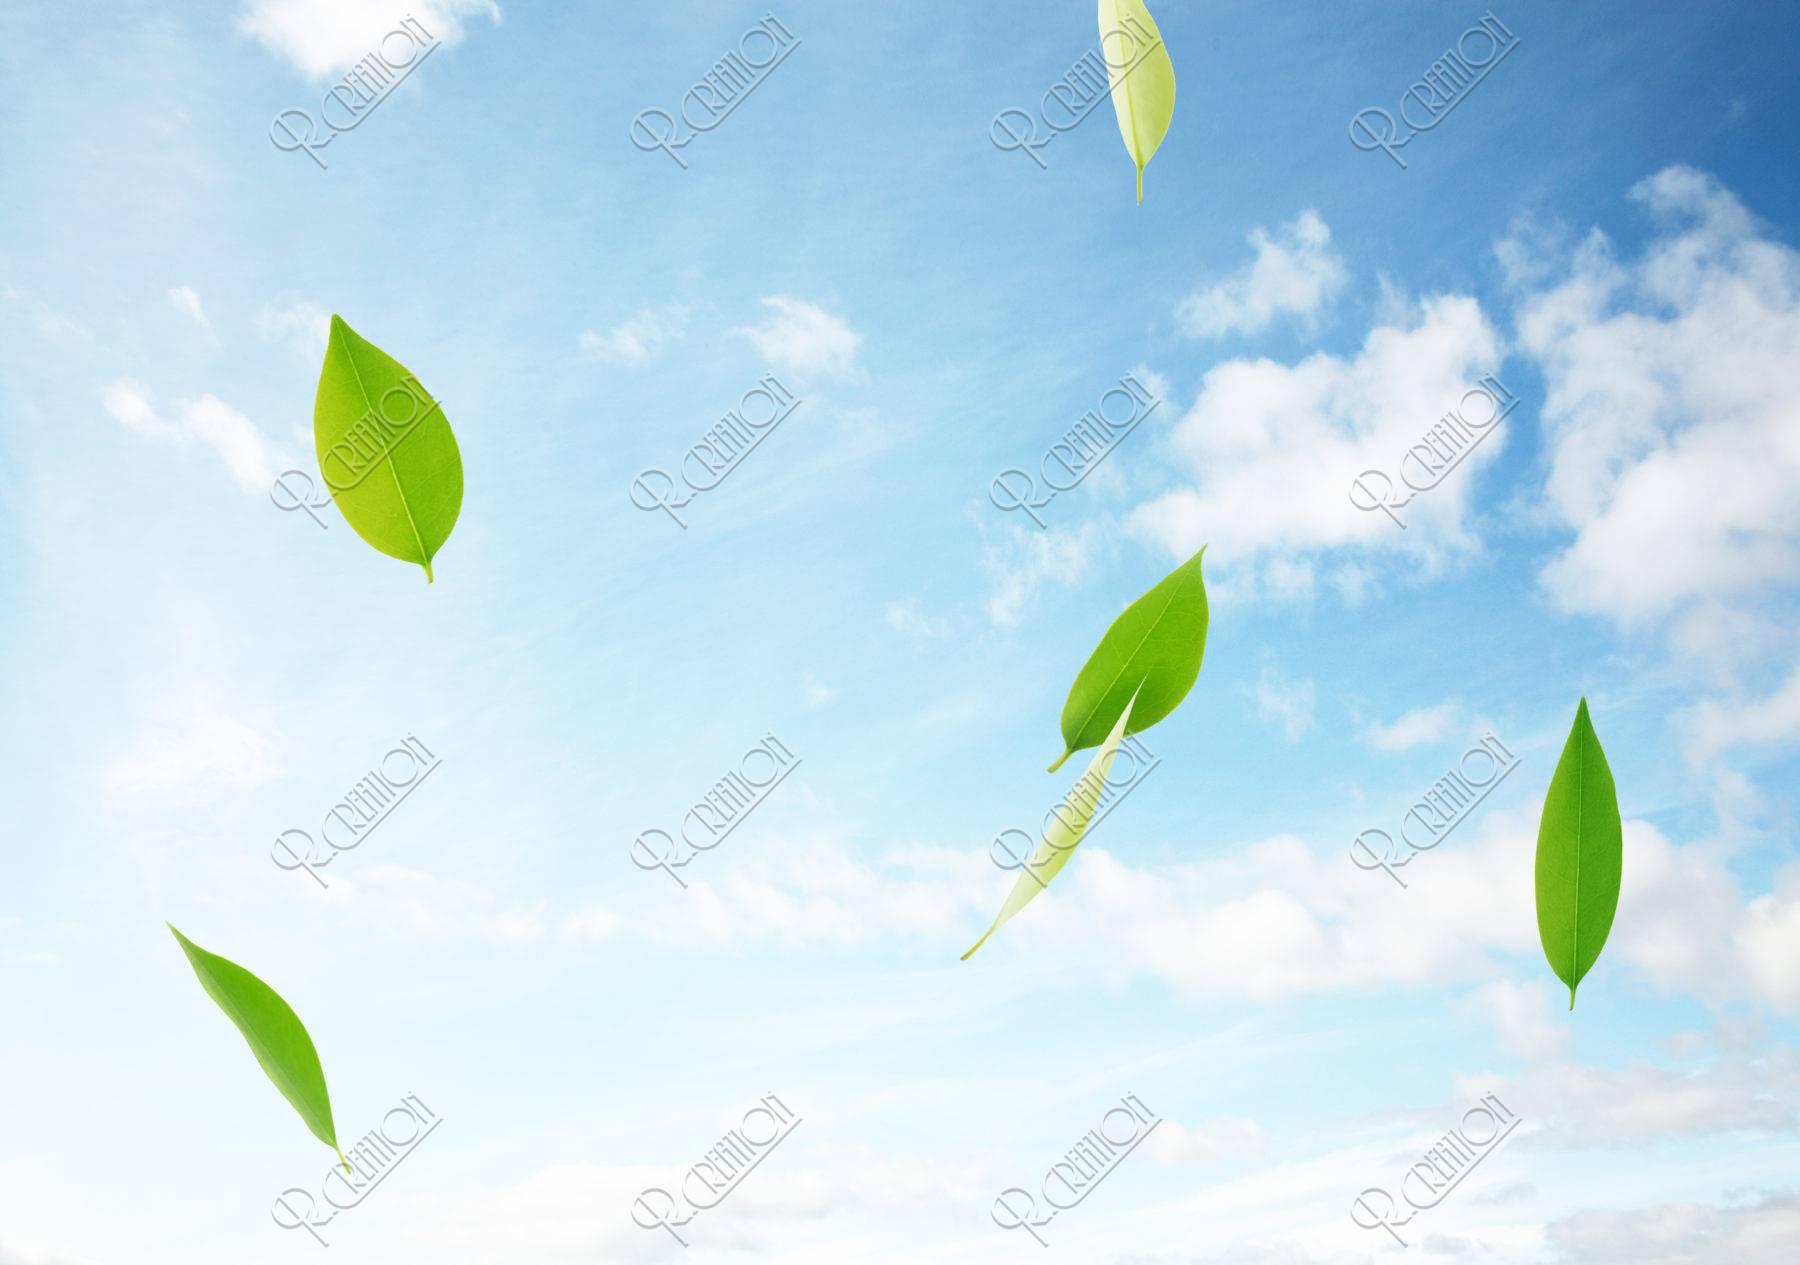 空に舞う葉っぱ